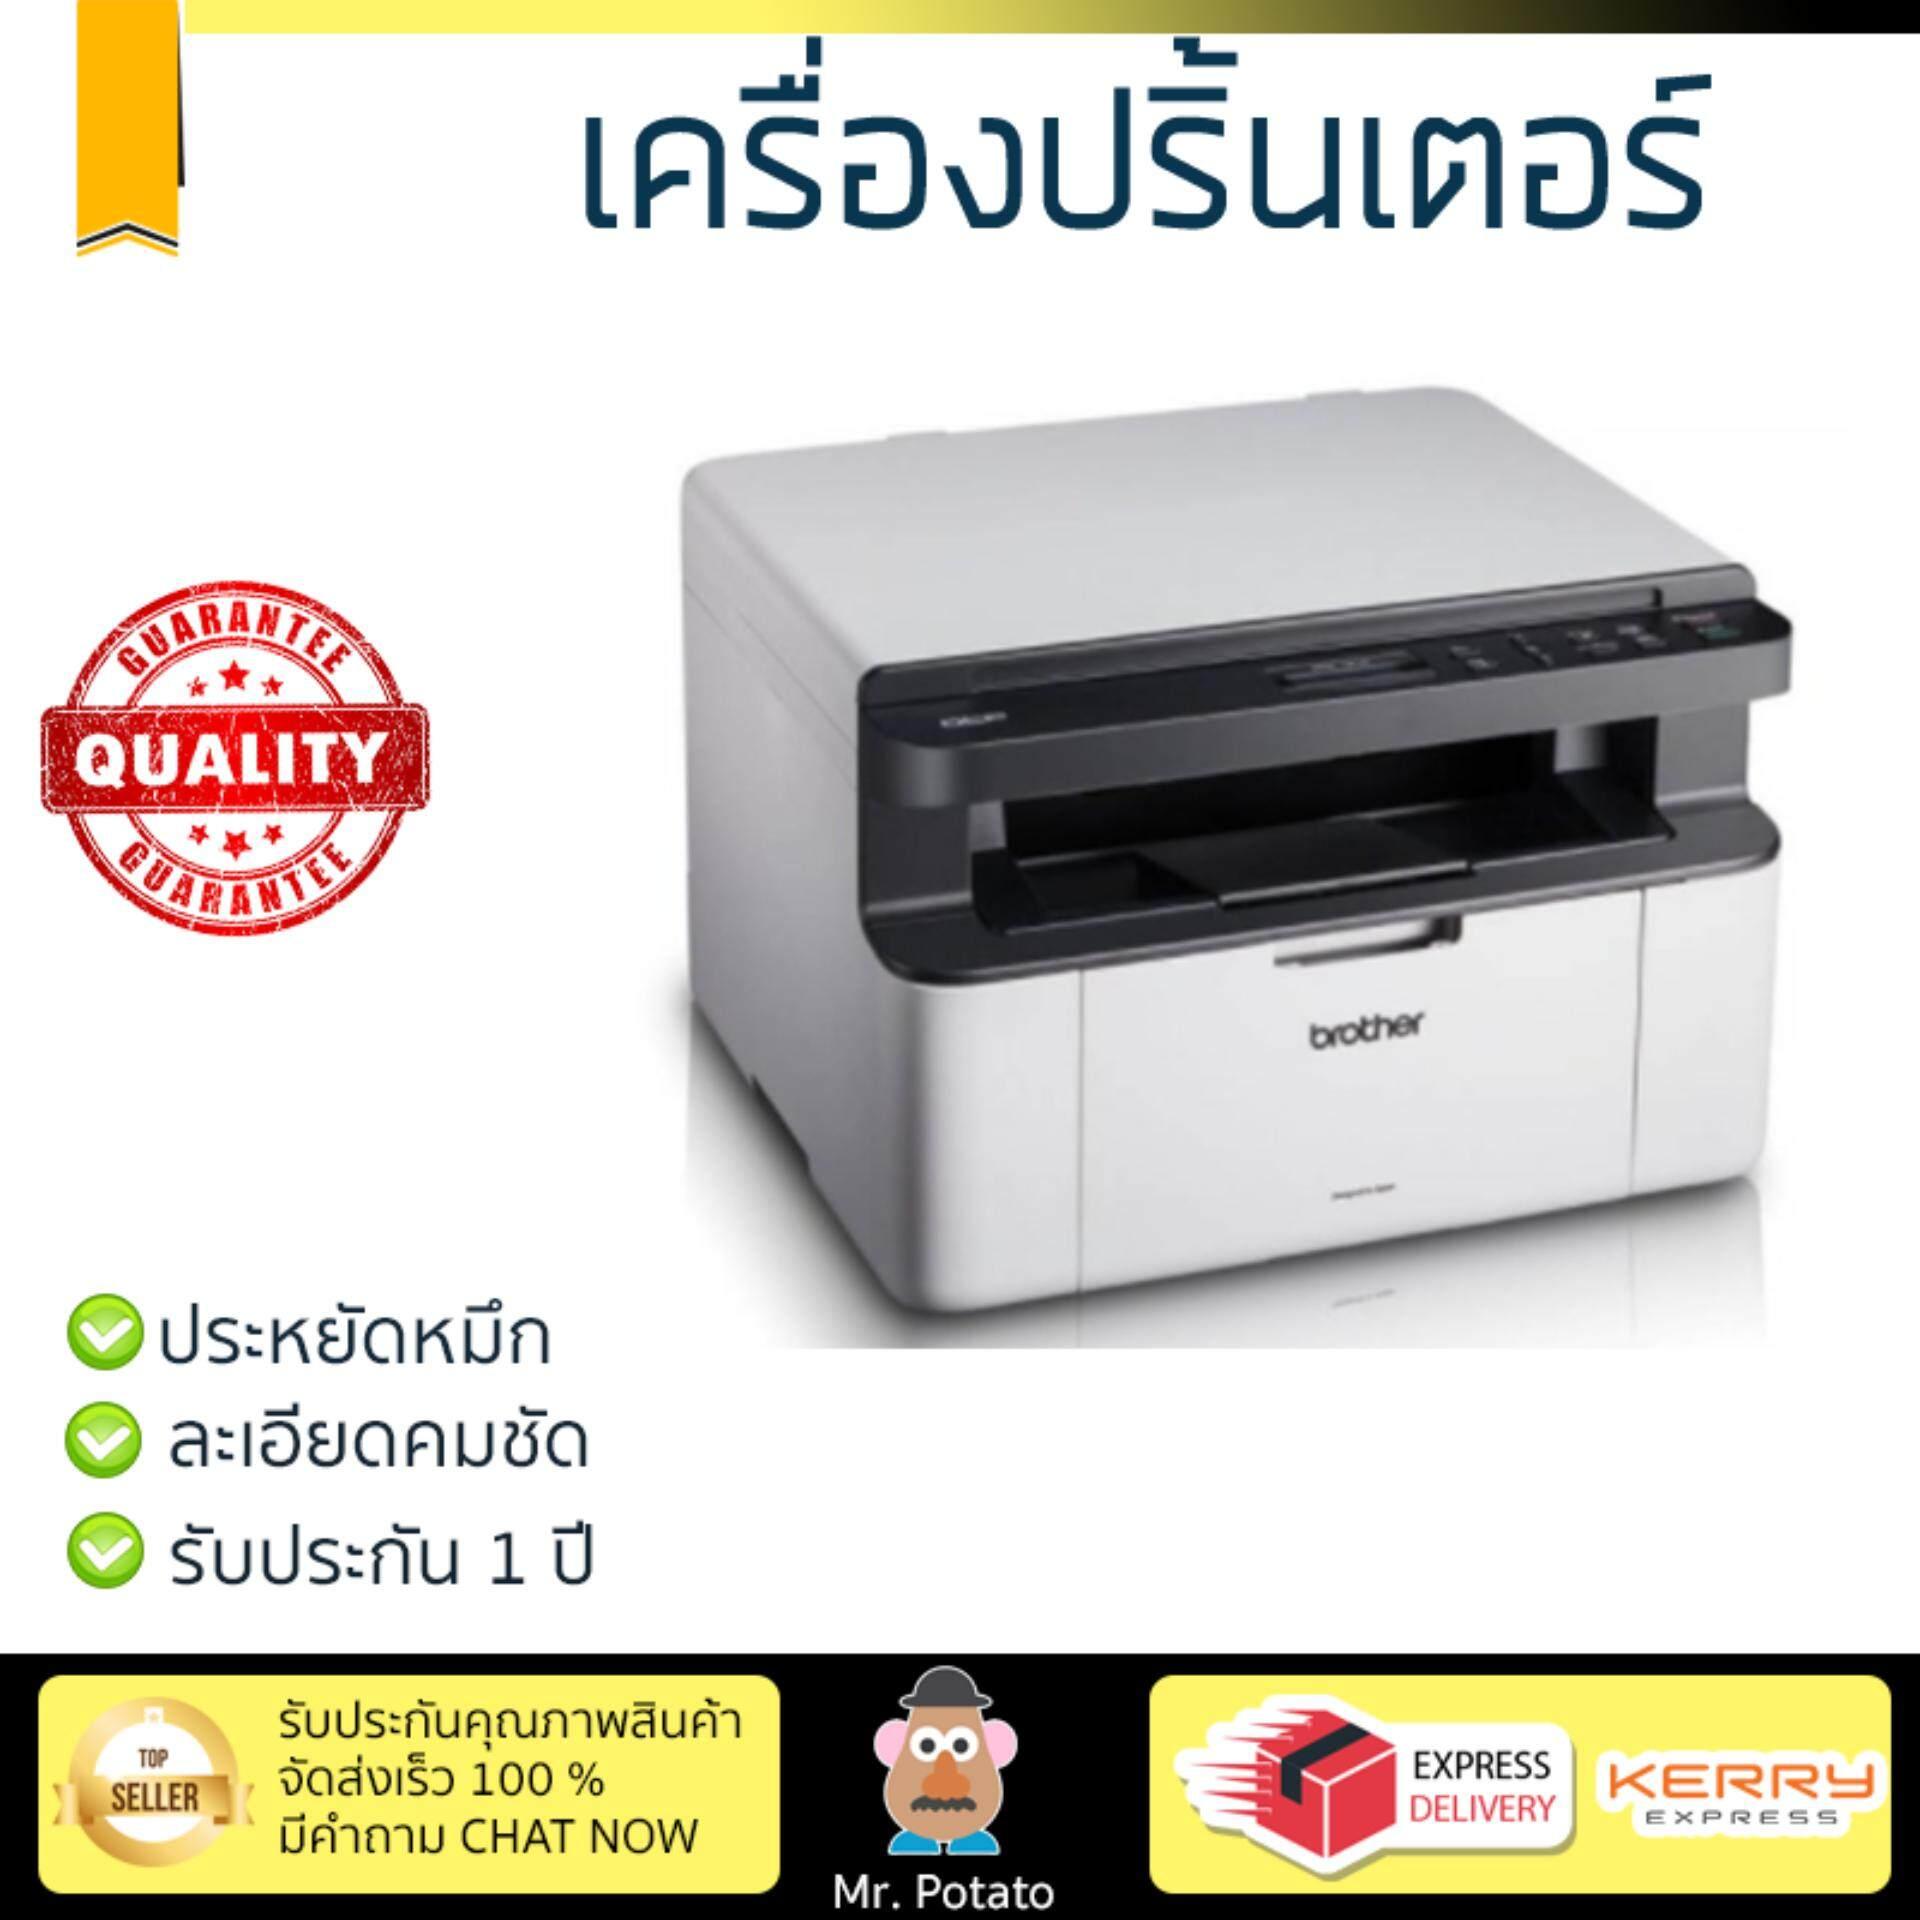 โปรโมชัน เครื่องพิมพ์เลเซอร์           BROTHER ปริ้นเตอร์ รุ่น MULTI LS3IN1 DCP-1510             ความละเอียดสูง คมชัด พิมพ์ได้รวดเร็ว เครื่องปริ้น เครื่องปริ้นท์ Laser Printer รับประกันสินค้า 1 ปี จั